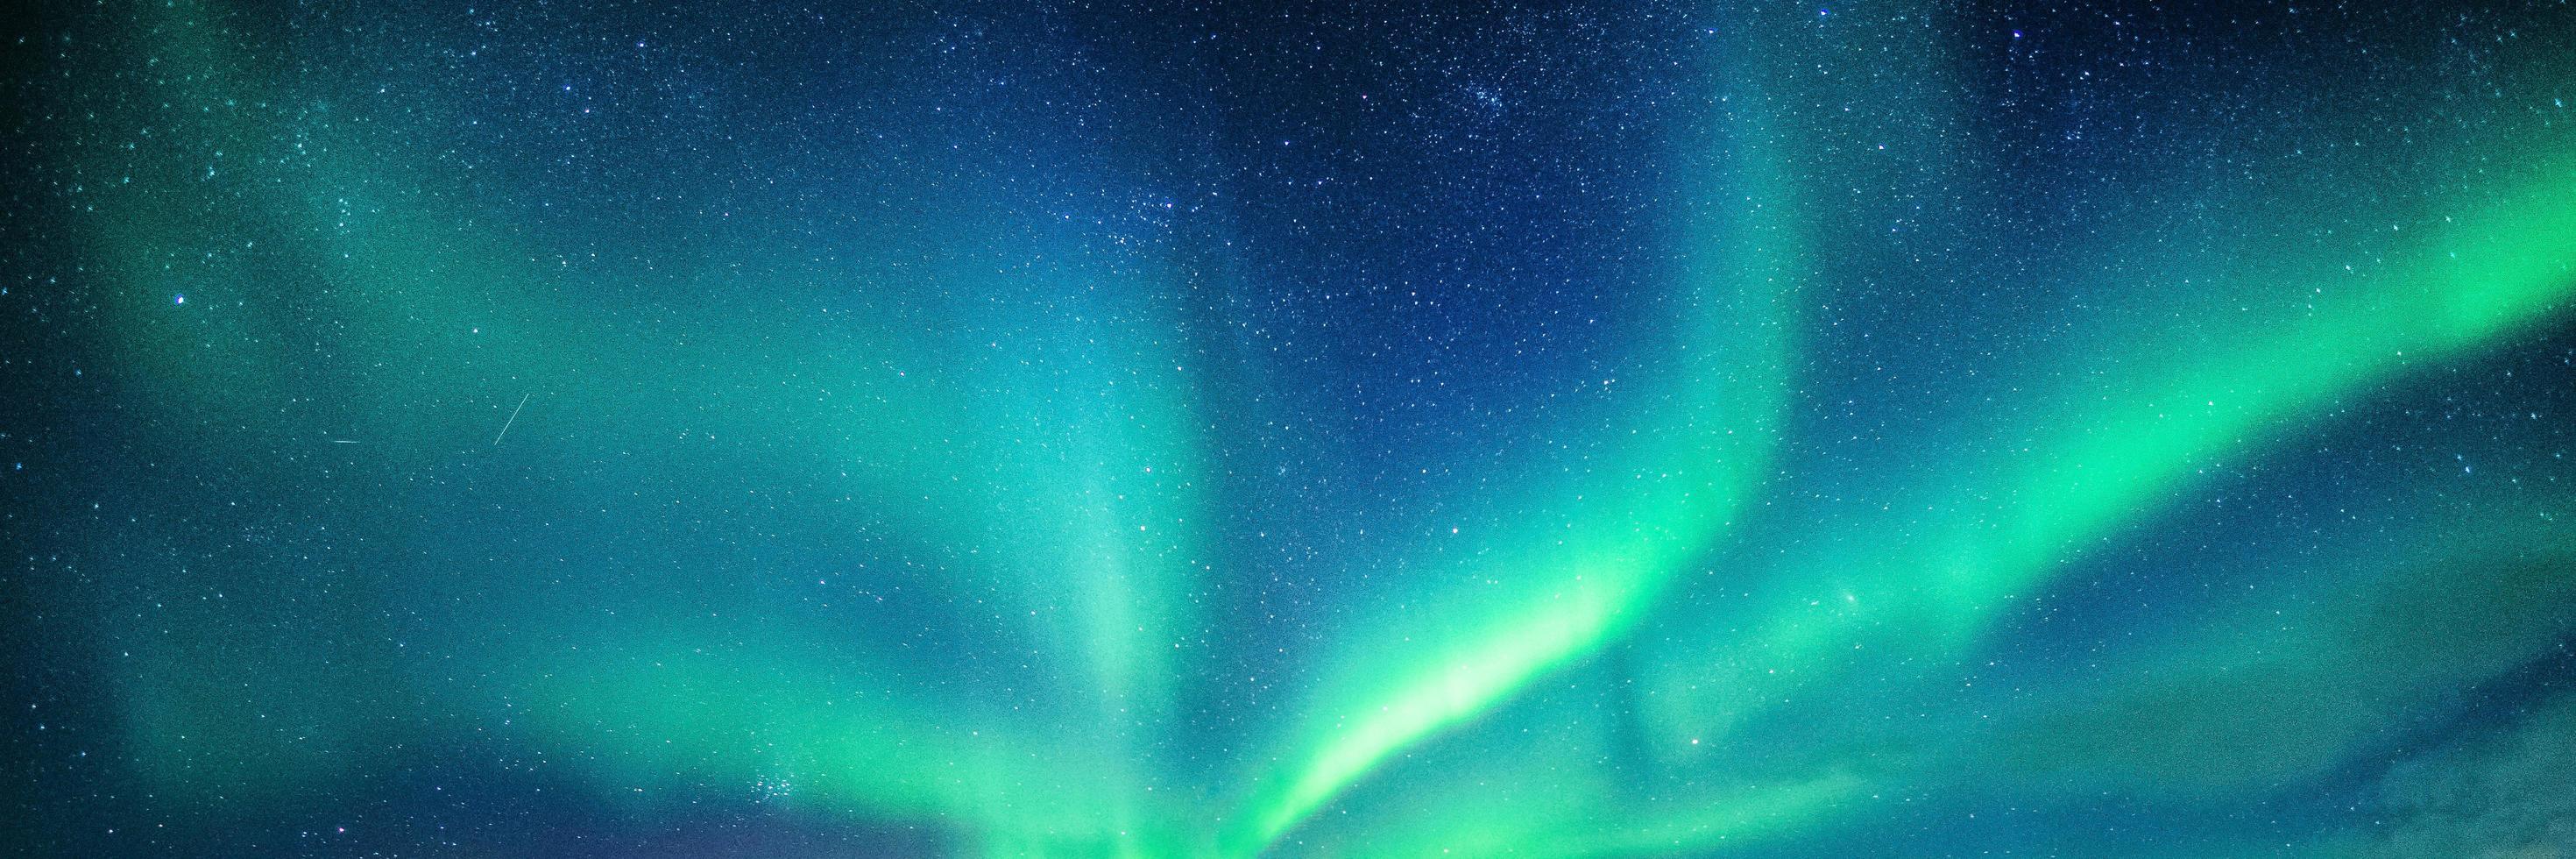 aurora boreal en el cielo nocturno foto